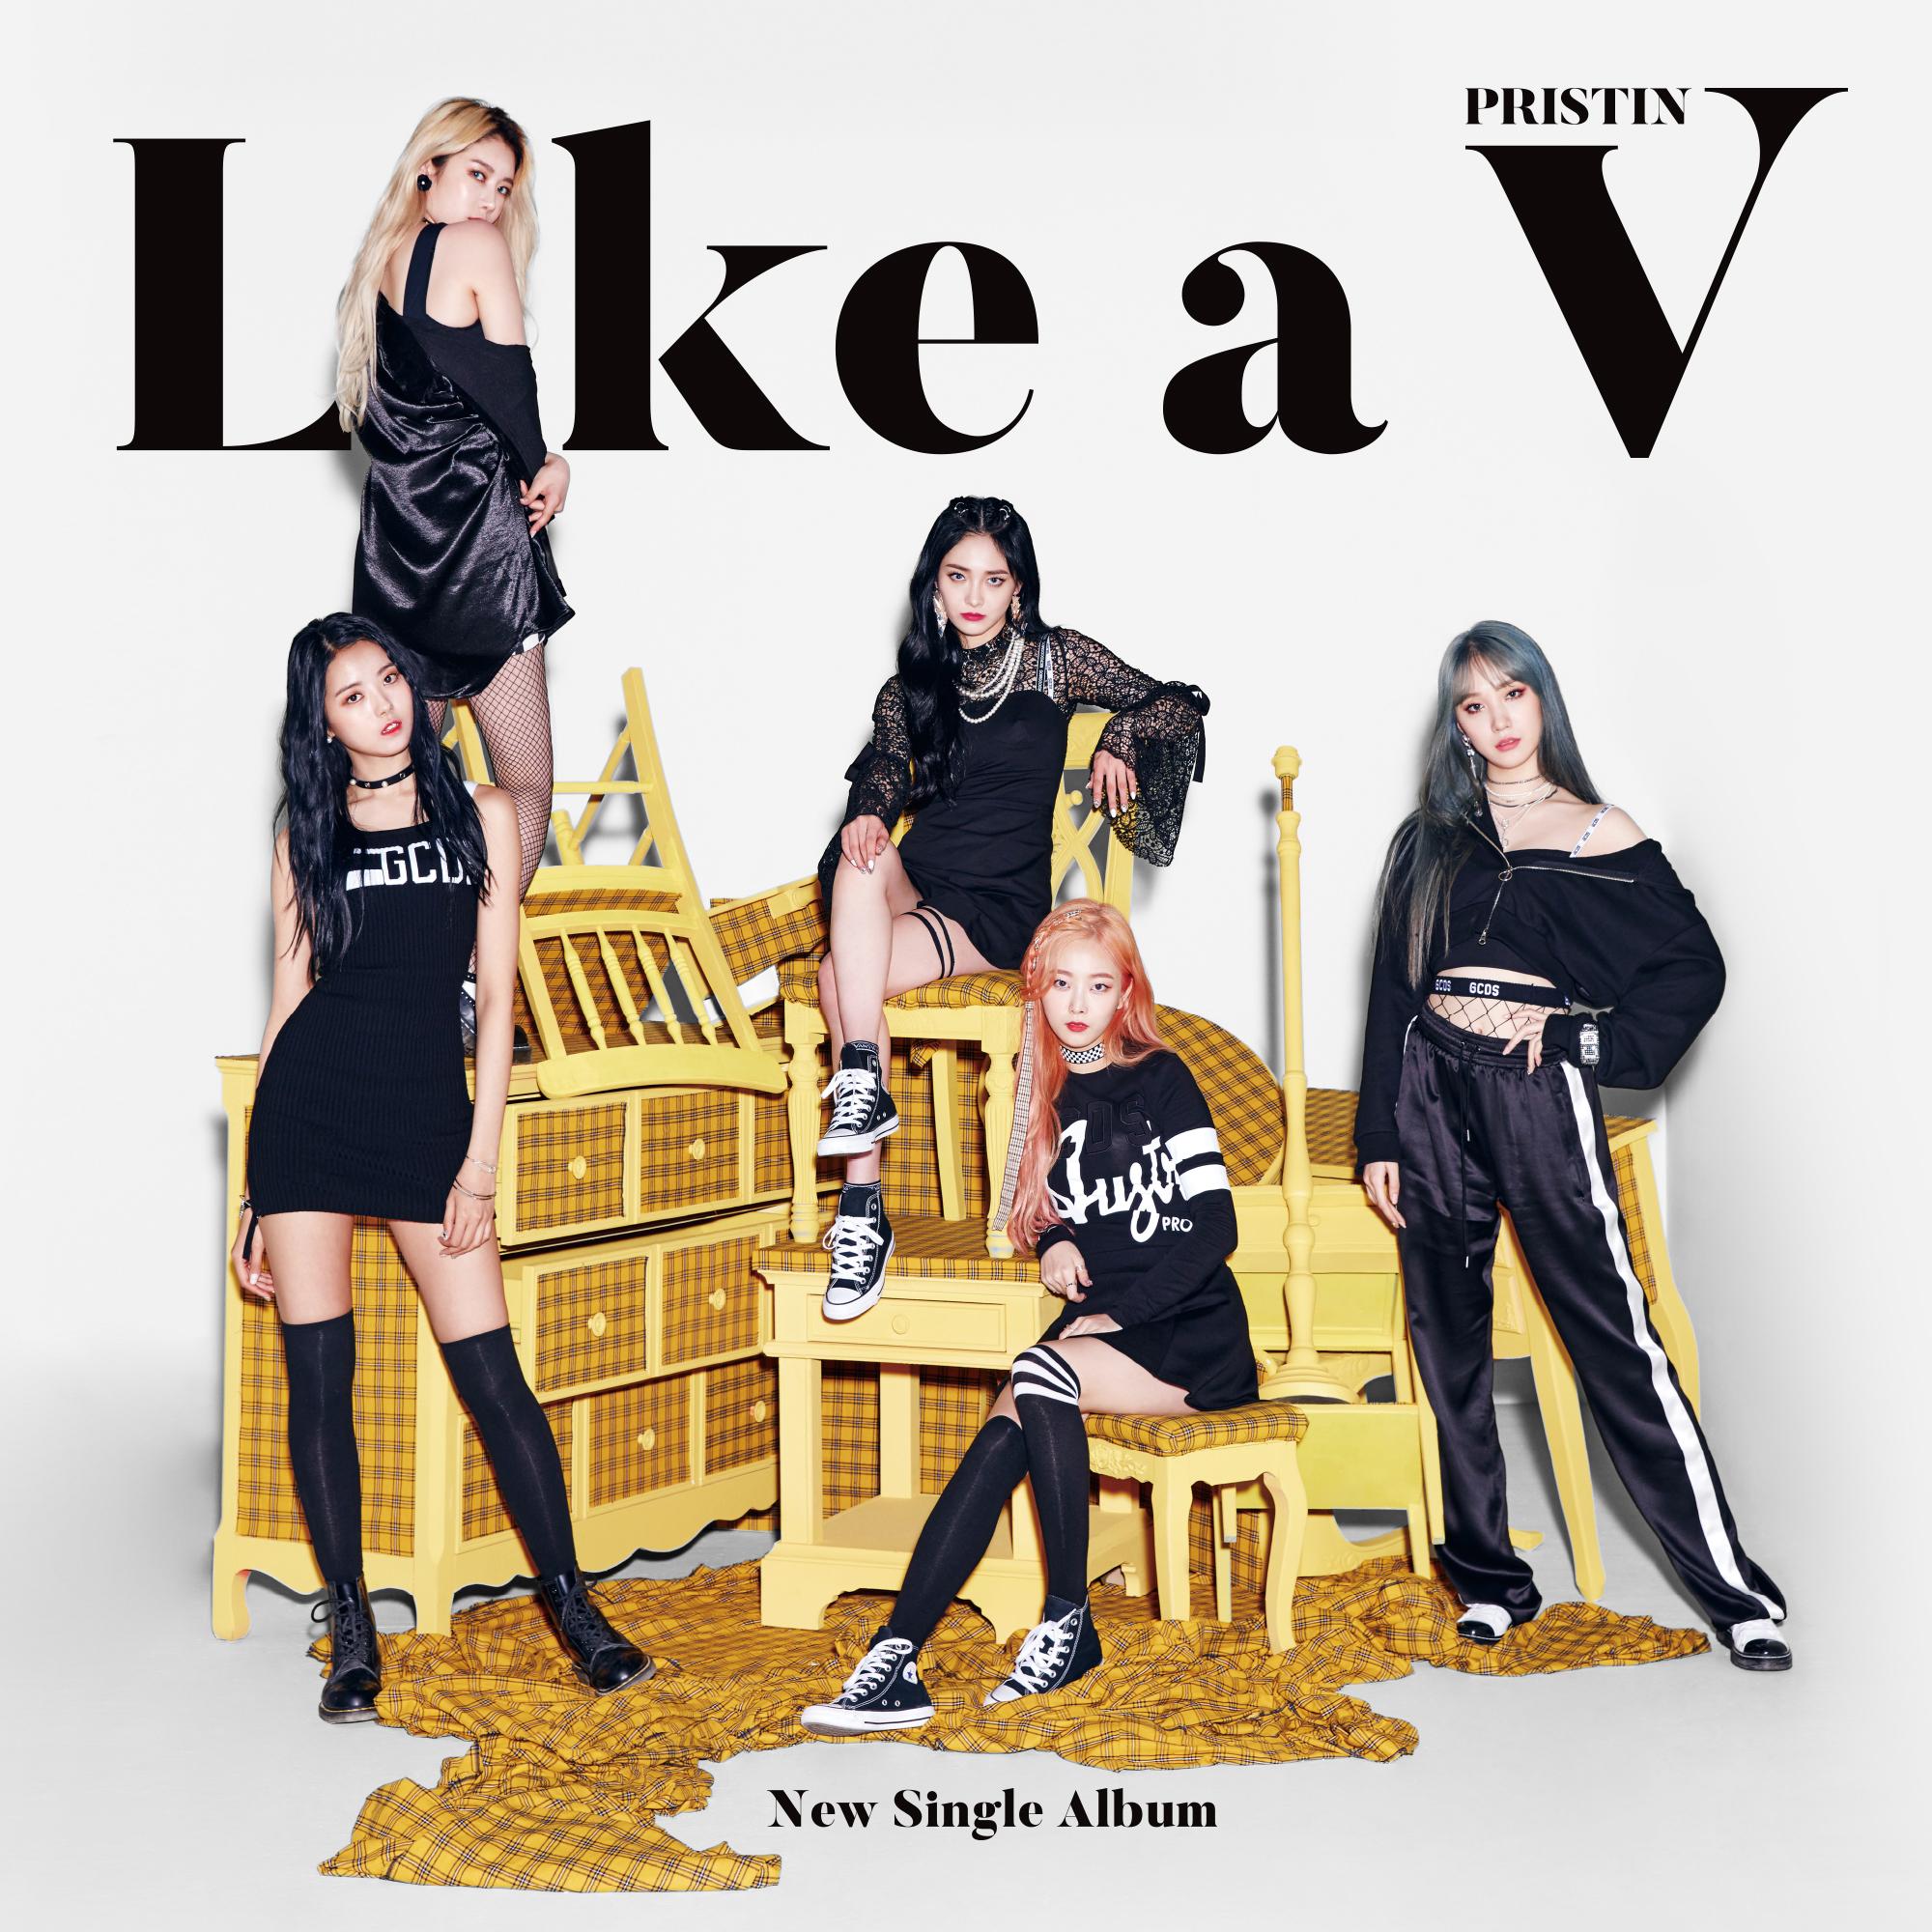 20180603.0900.11 Pristin V - Like a V cover.jpg